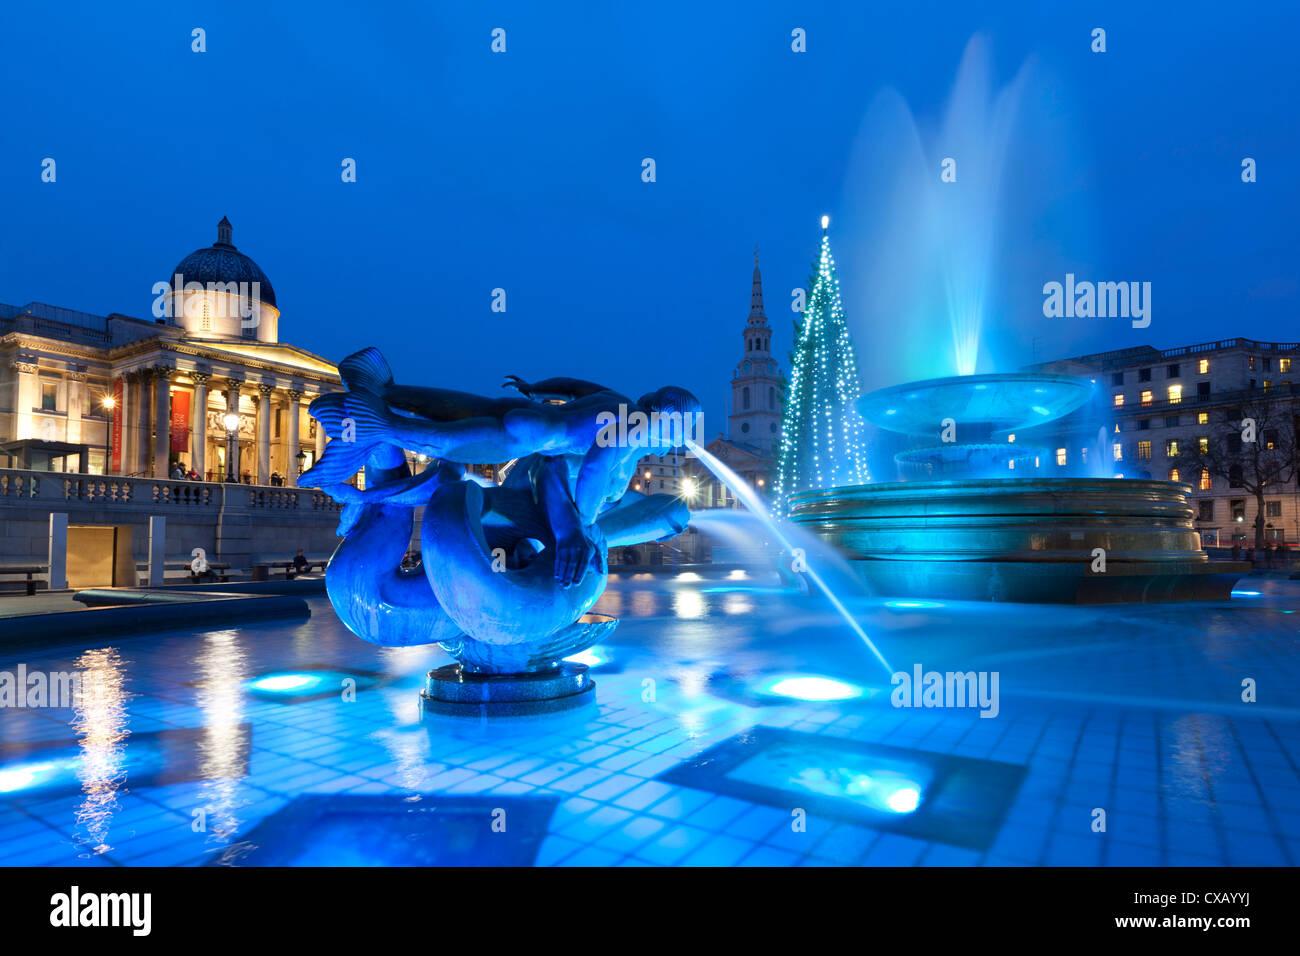 Trafalgar Square at Christmas, London, England, United Kingdom, Europe - Stock Image